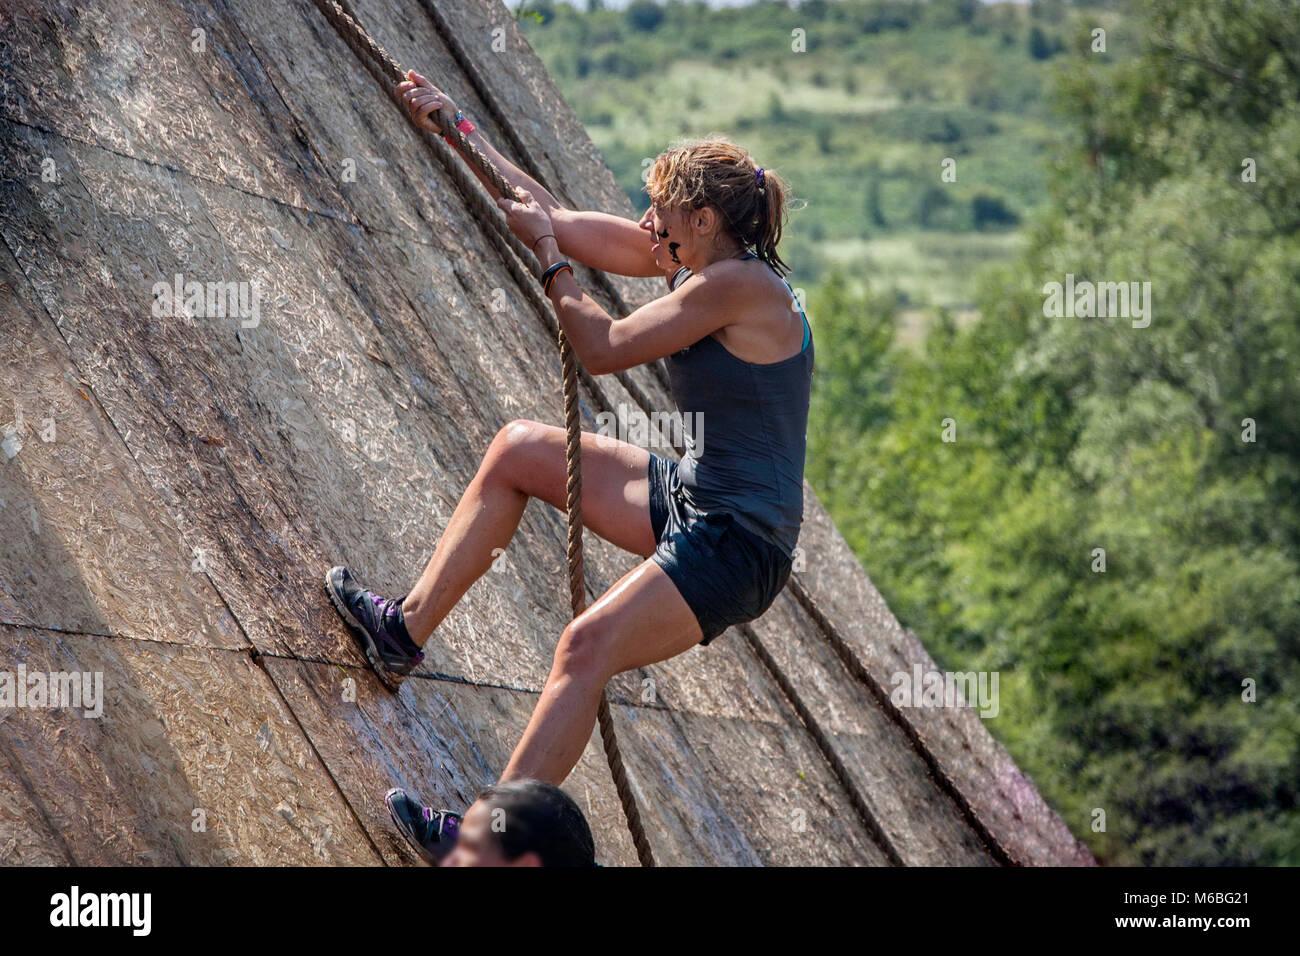 Junge Frau Klettern ein Seil in extremer Sport Herausforderung; körperliche Stärke Rennen; Begriff der Stockbild